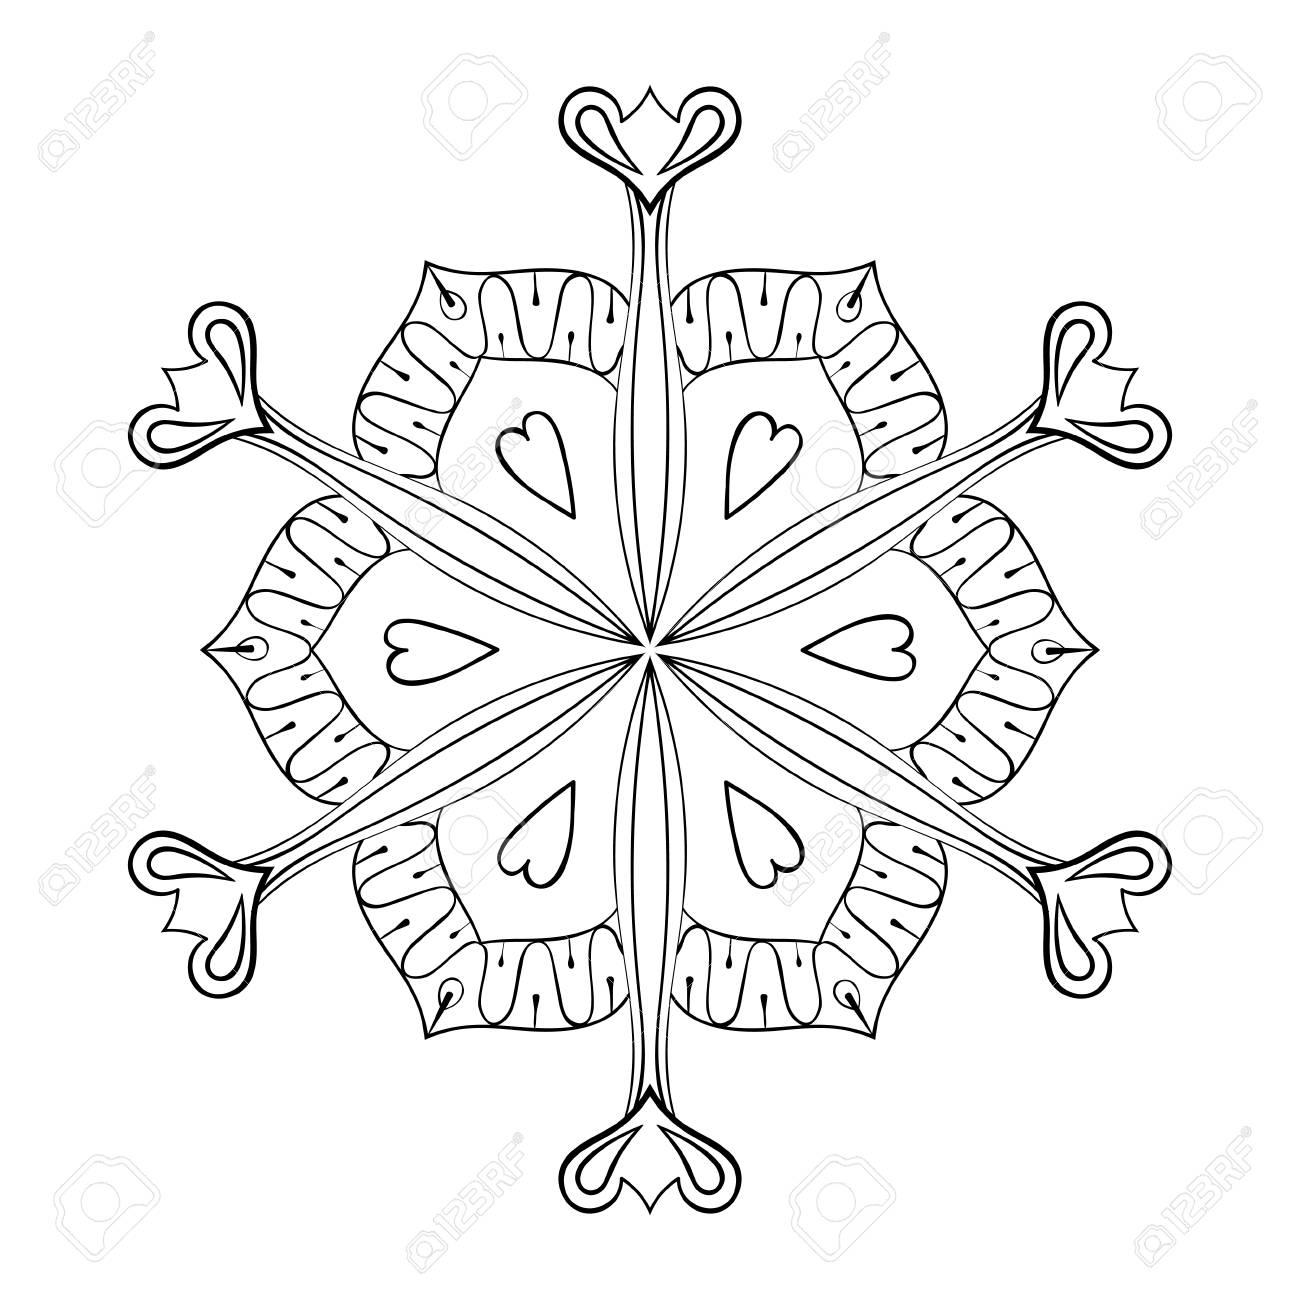 Vektor-Papier-Ausschnitt Schneeflocke In Zentangle Art, Doodle ...